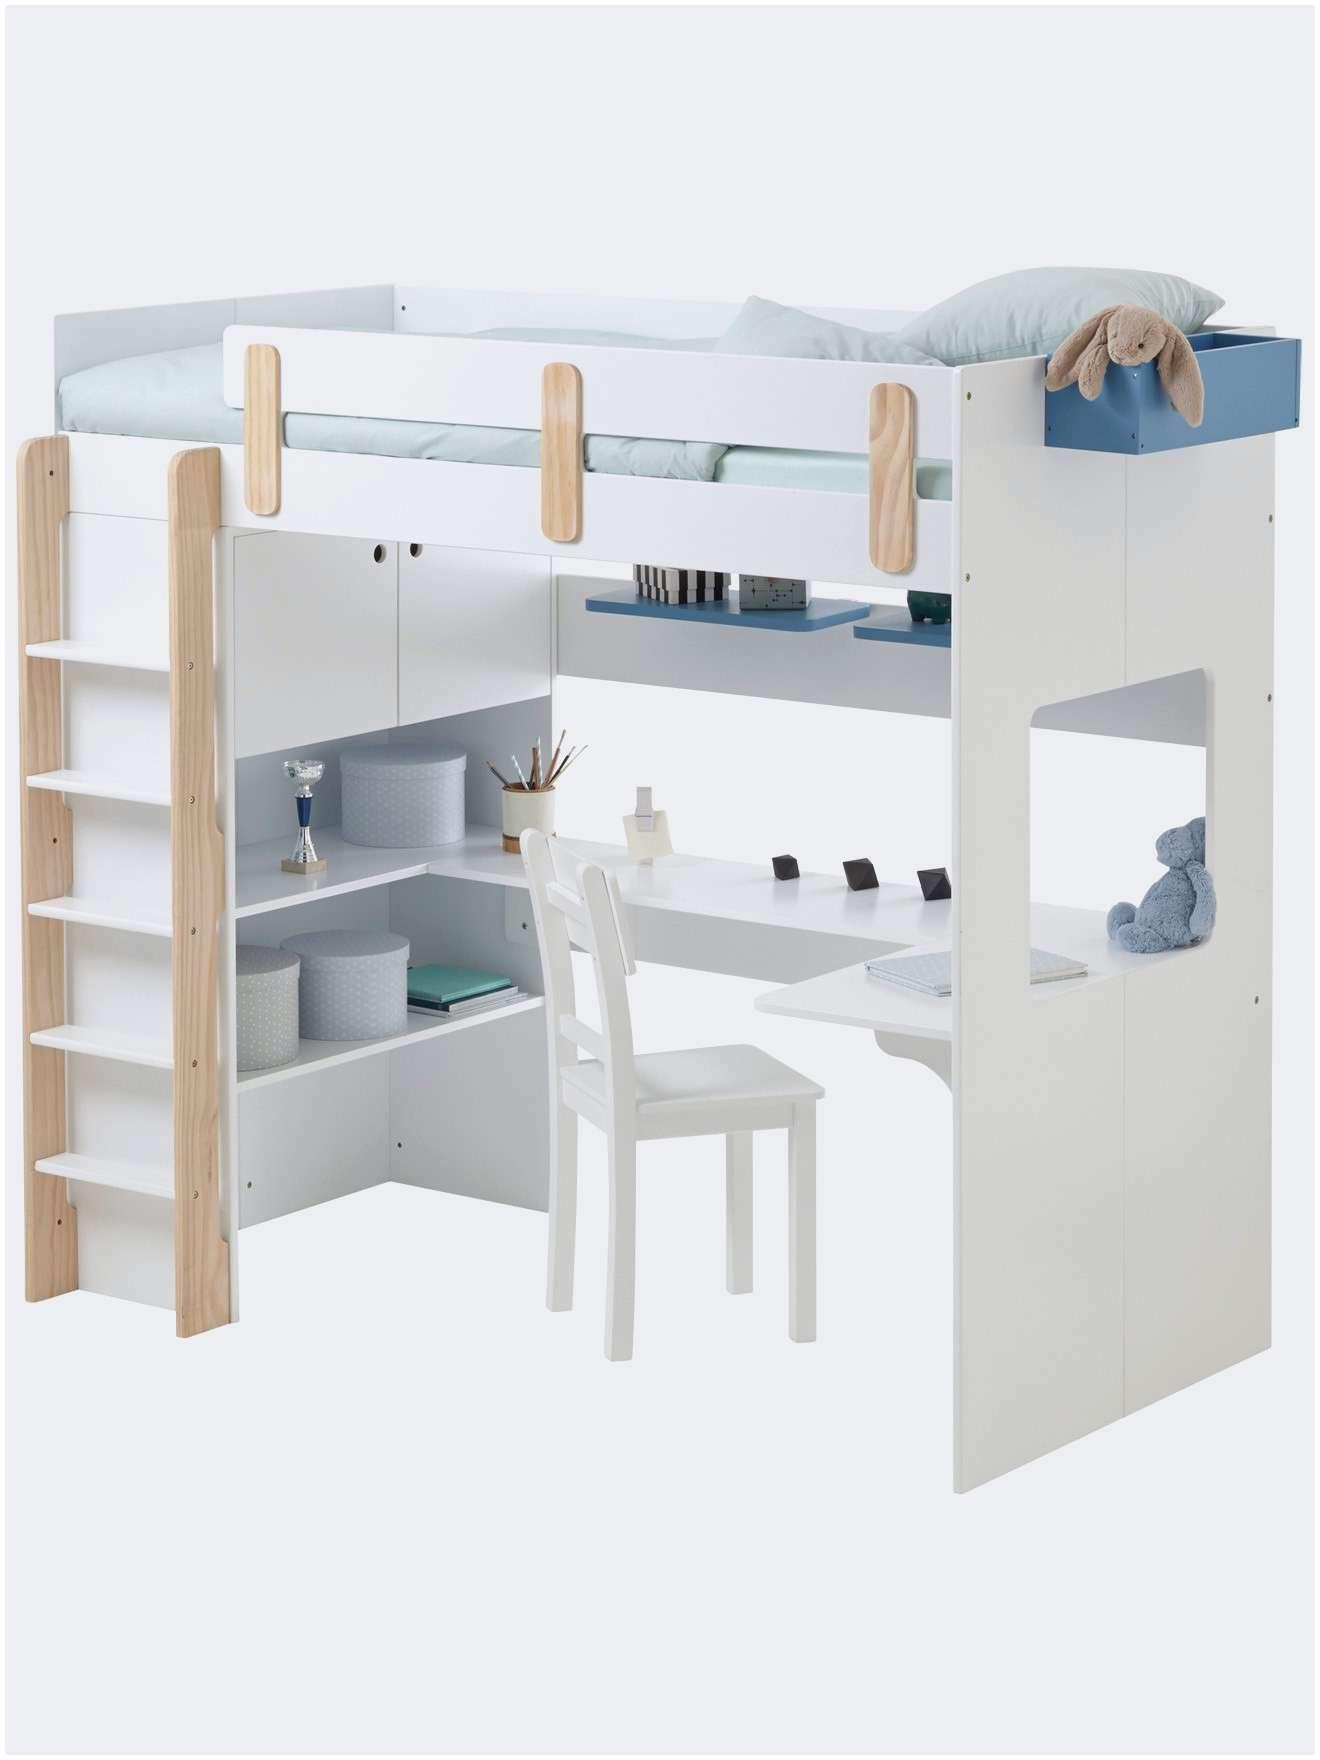 Lit Superposé Ikea 3 Places Douce Frais Lit Mezzanine Ikea 2 Places Pour Alternative Lit Superposé